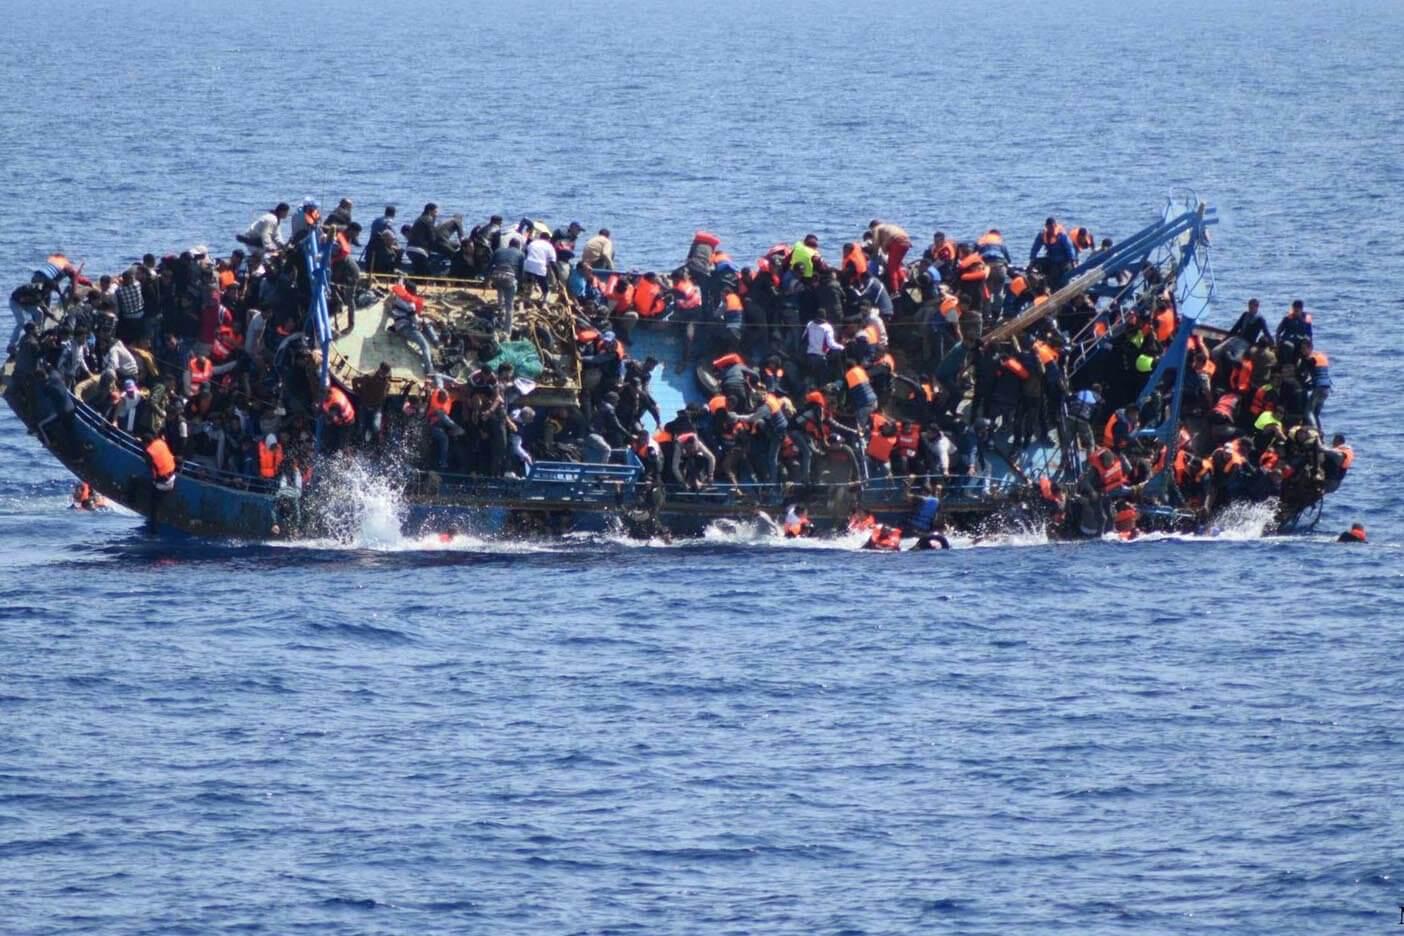 La Agencia Europea de la Guardia de Fronteras y Costas (Frontex) informó que el número de migrantes indocumentados que llegaron a la Unión Europea (UE) de enero a septiembre de 2019 fue de 88 mil 200, un 19 por ciento menos que en el mismo periodo de 2018.